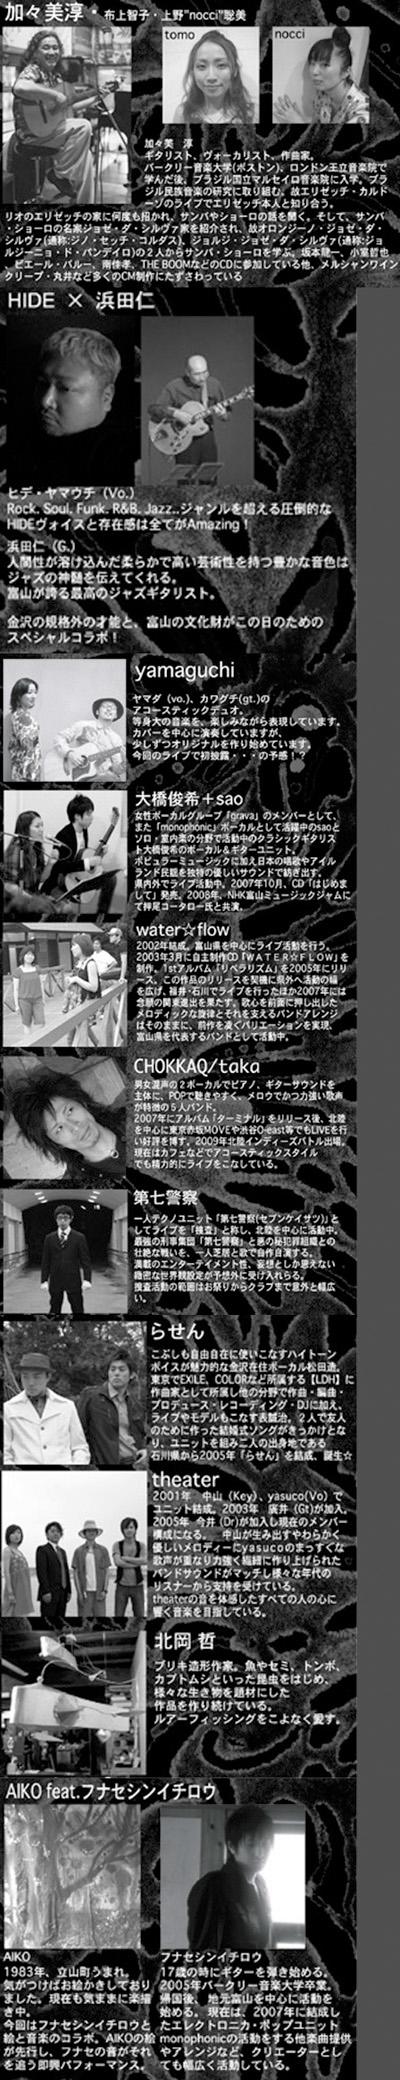 さまぽ2009  音楽とアート、カラダで聞いてココロで感じる!_b0151262_12581099.jpg